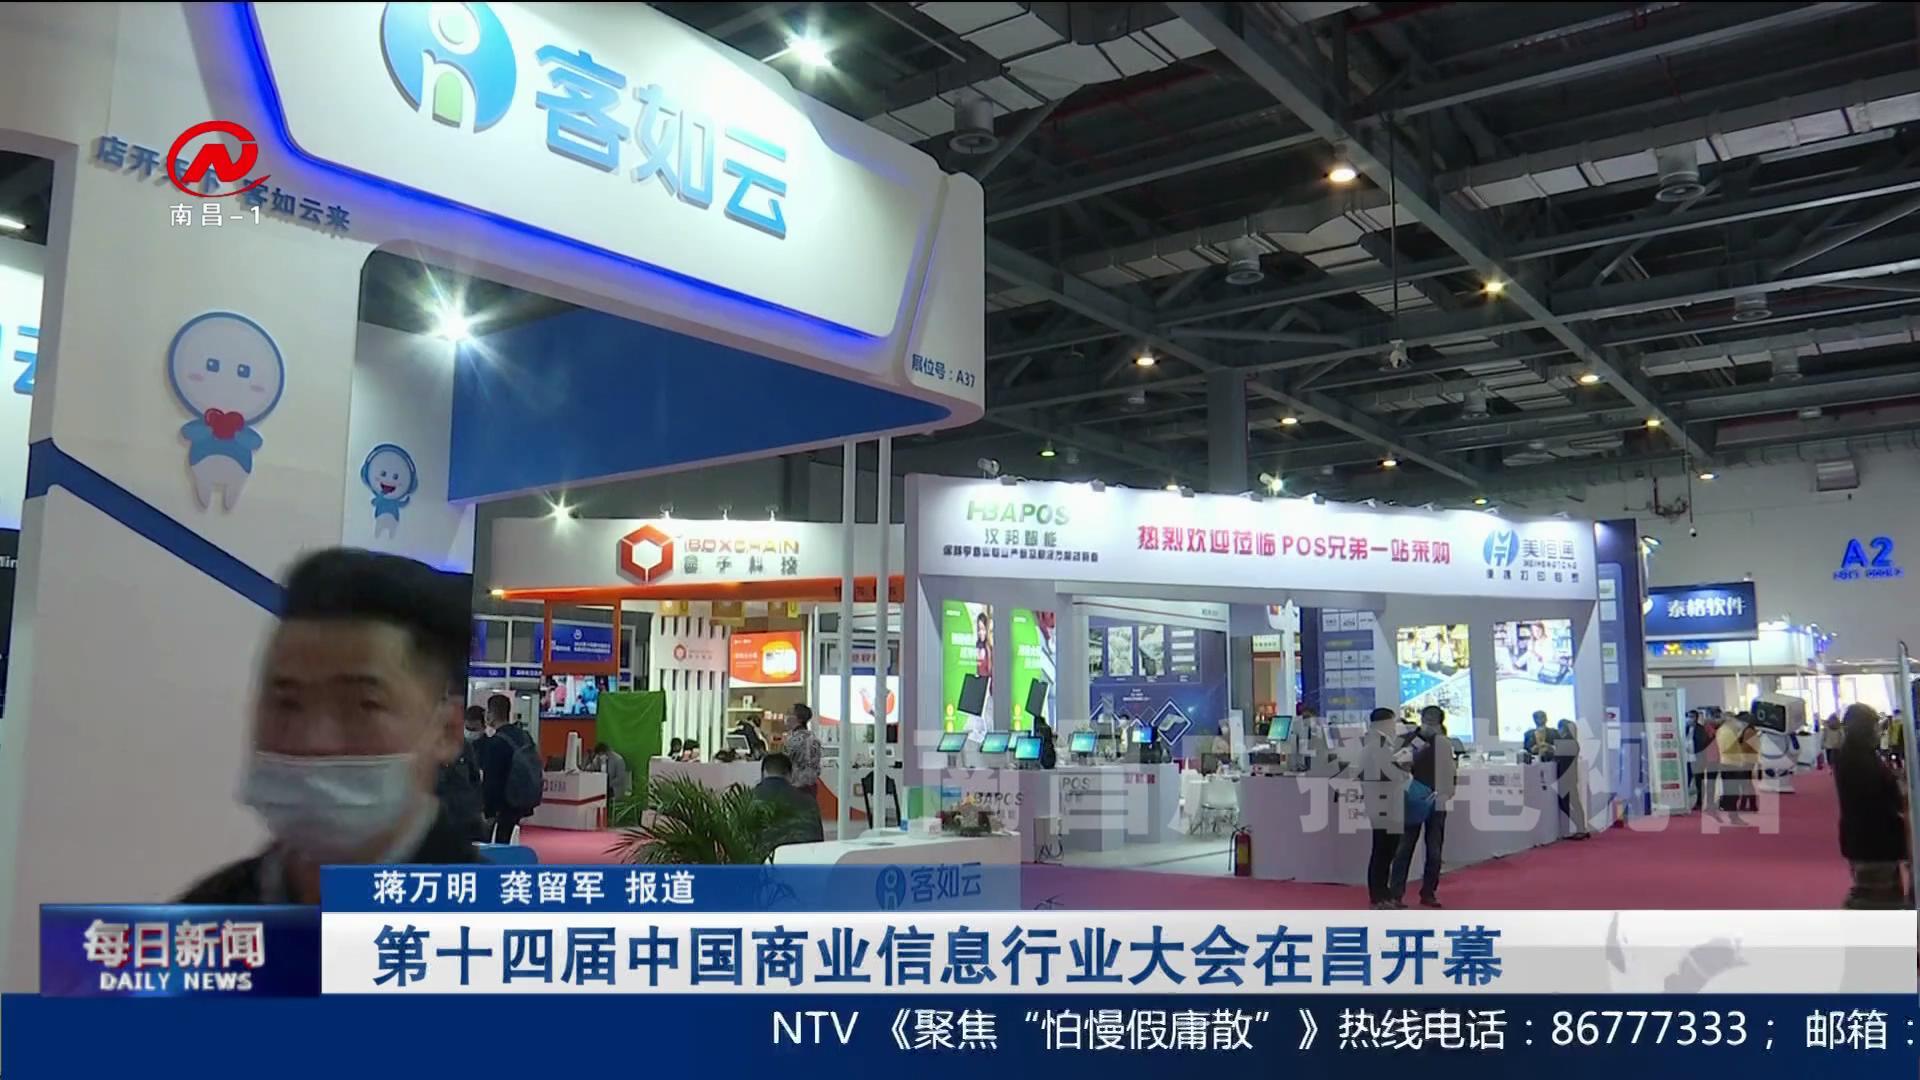 第十四屆中國商業信息行業大會在昌開幕